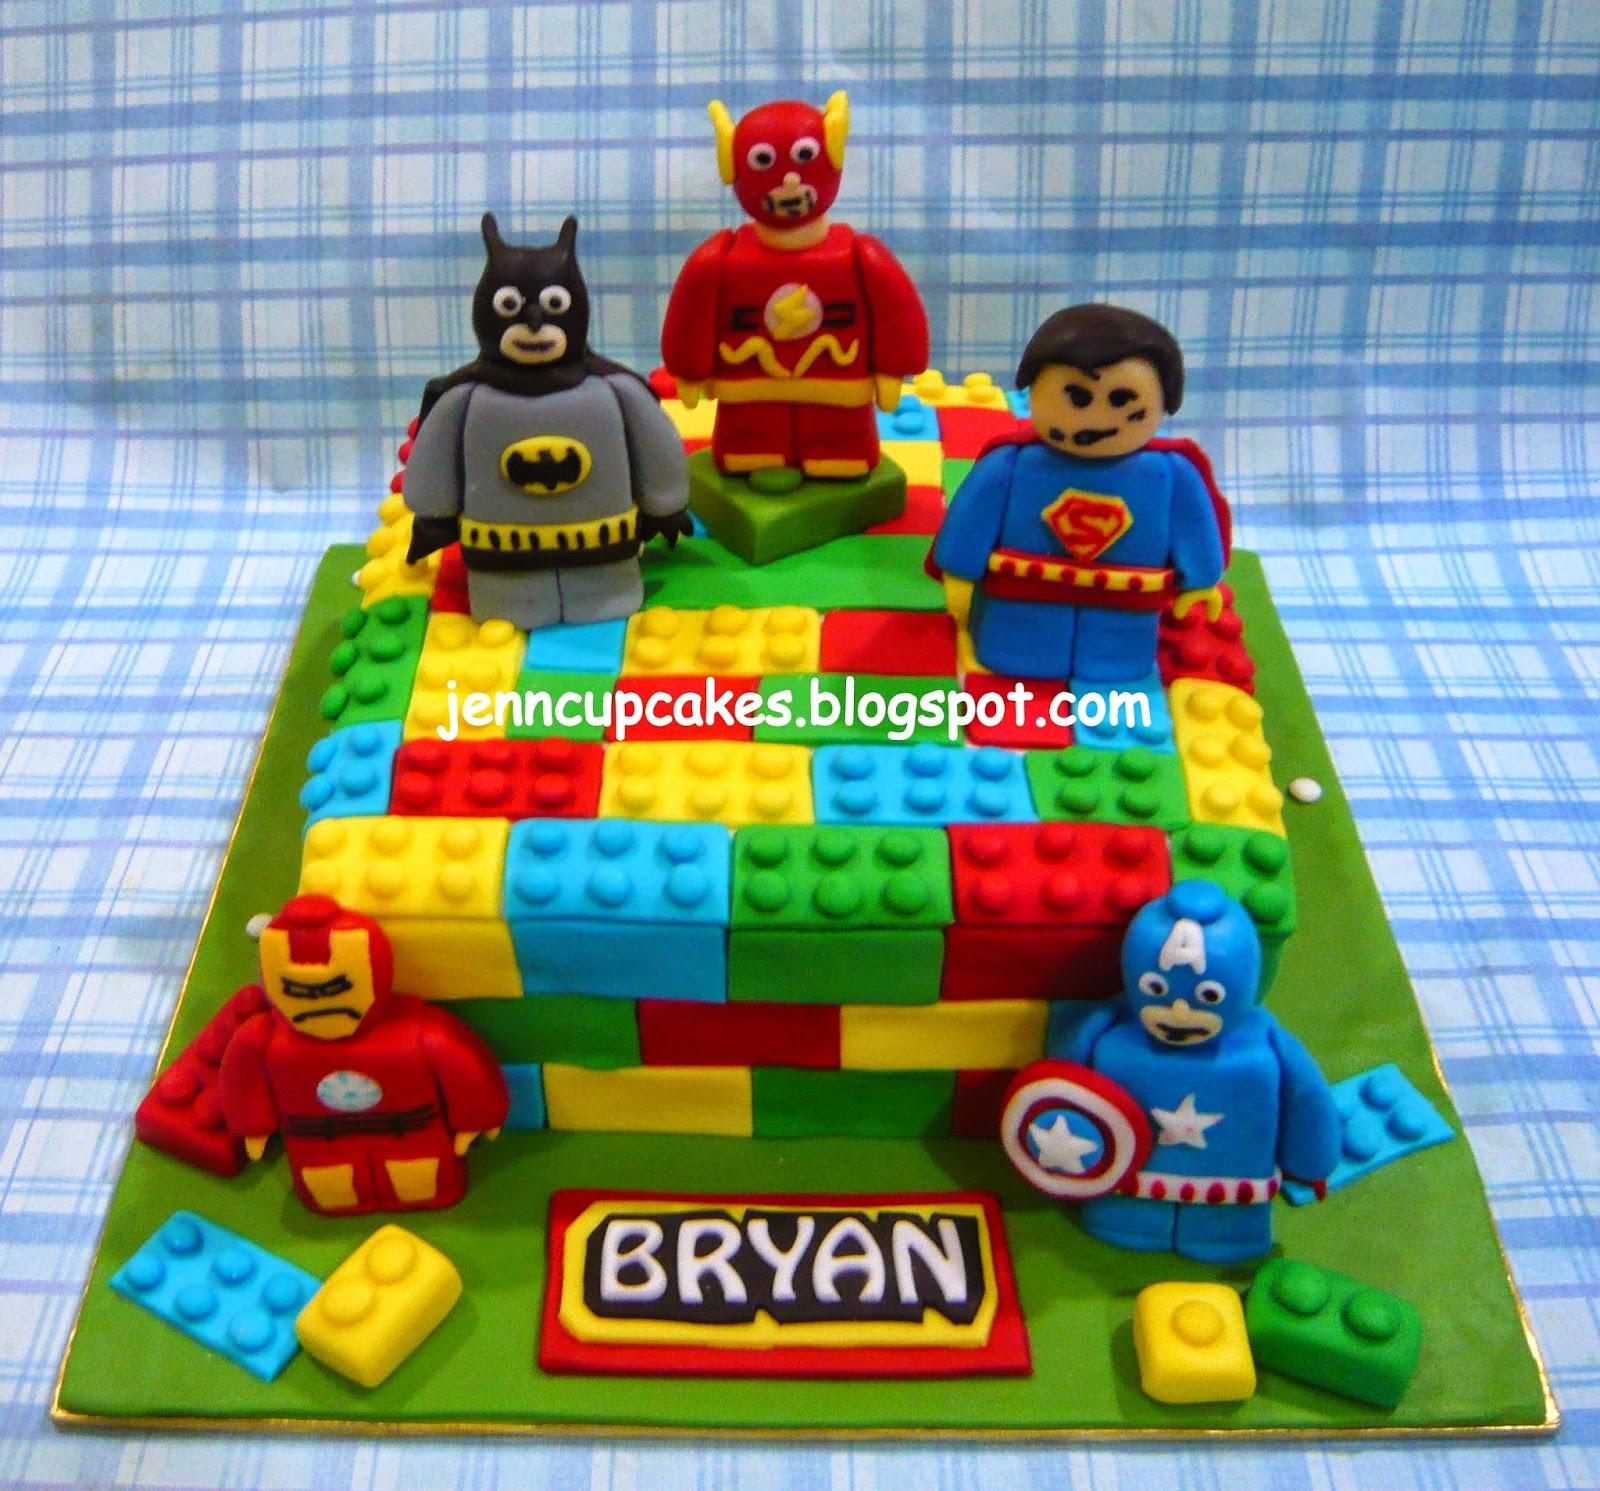 Lego Superhero Cake Decorations